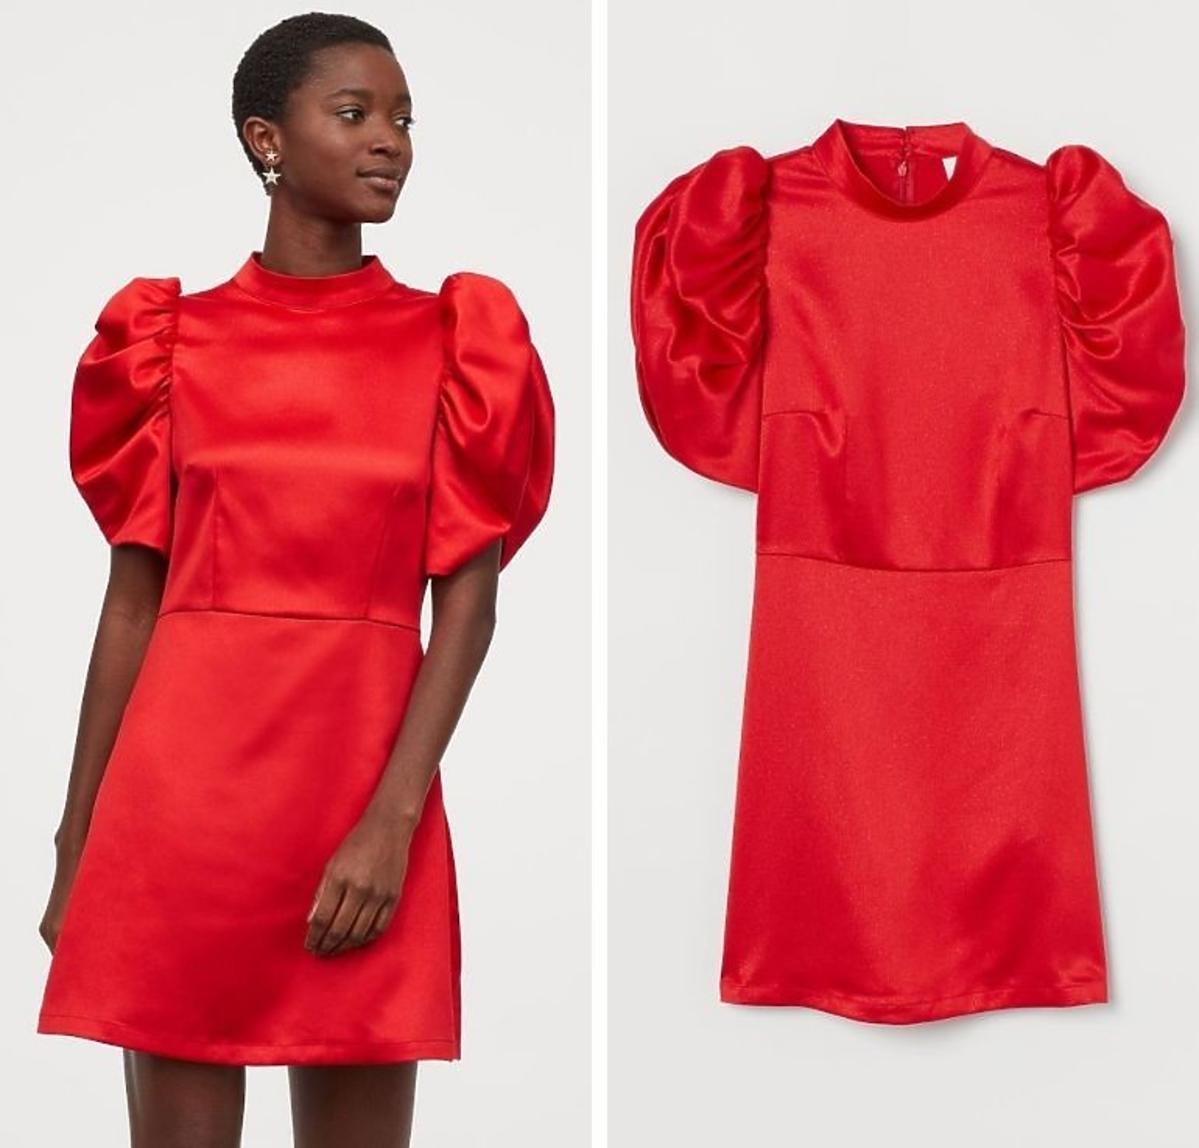 Satynowa czerwona sukienka H&M 39,90